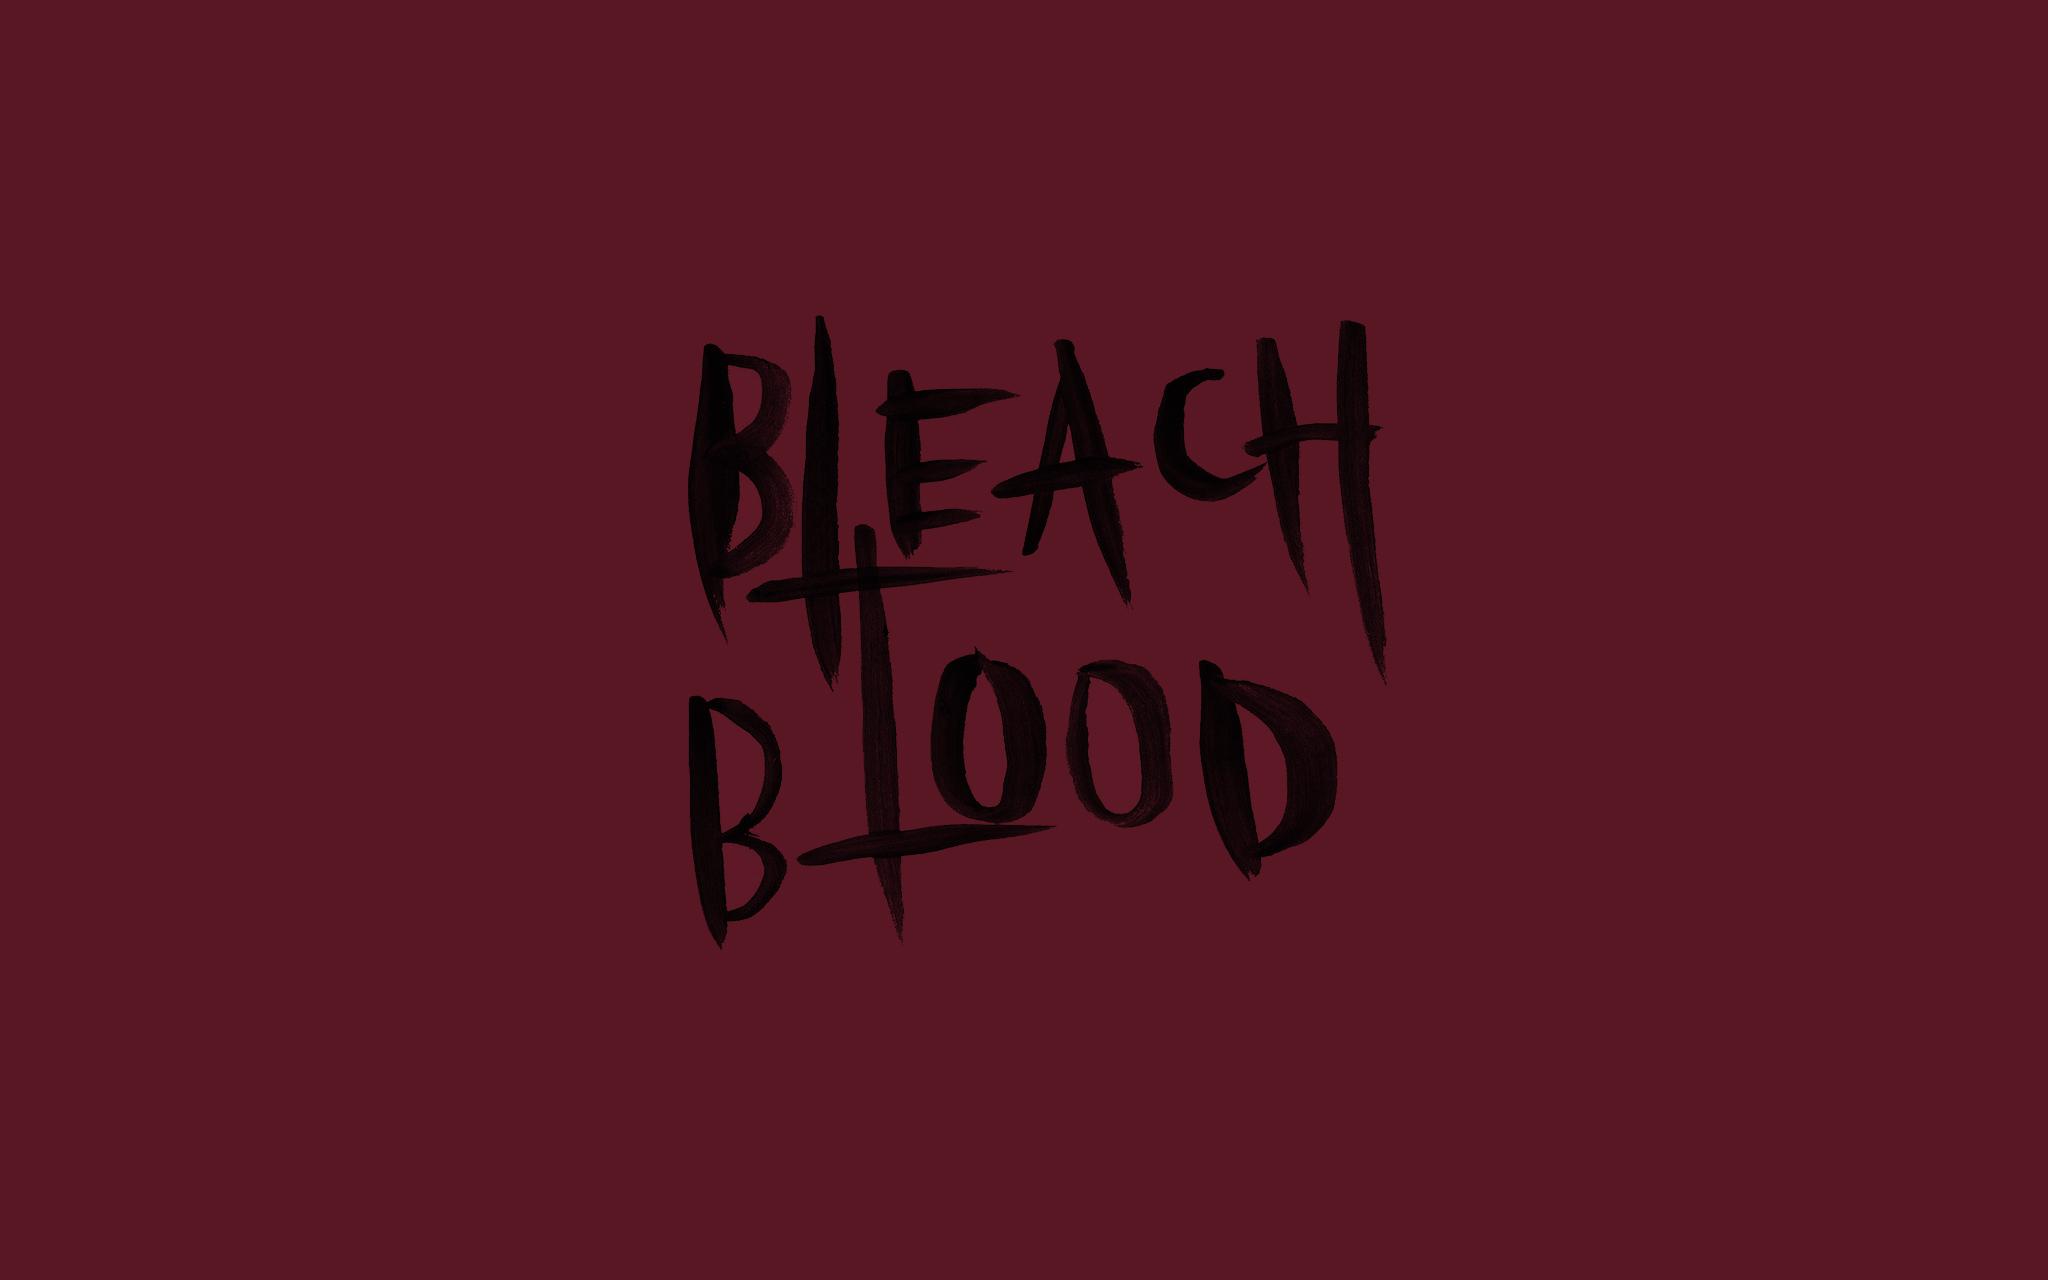 BleachBlood_Wallpaper3